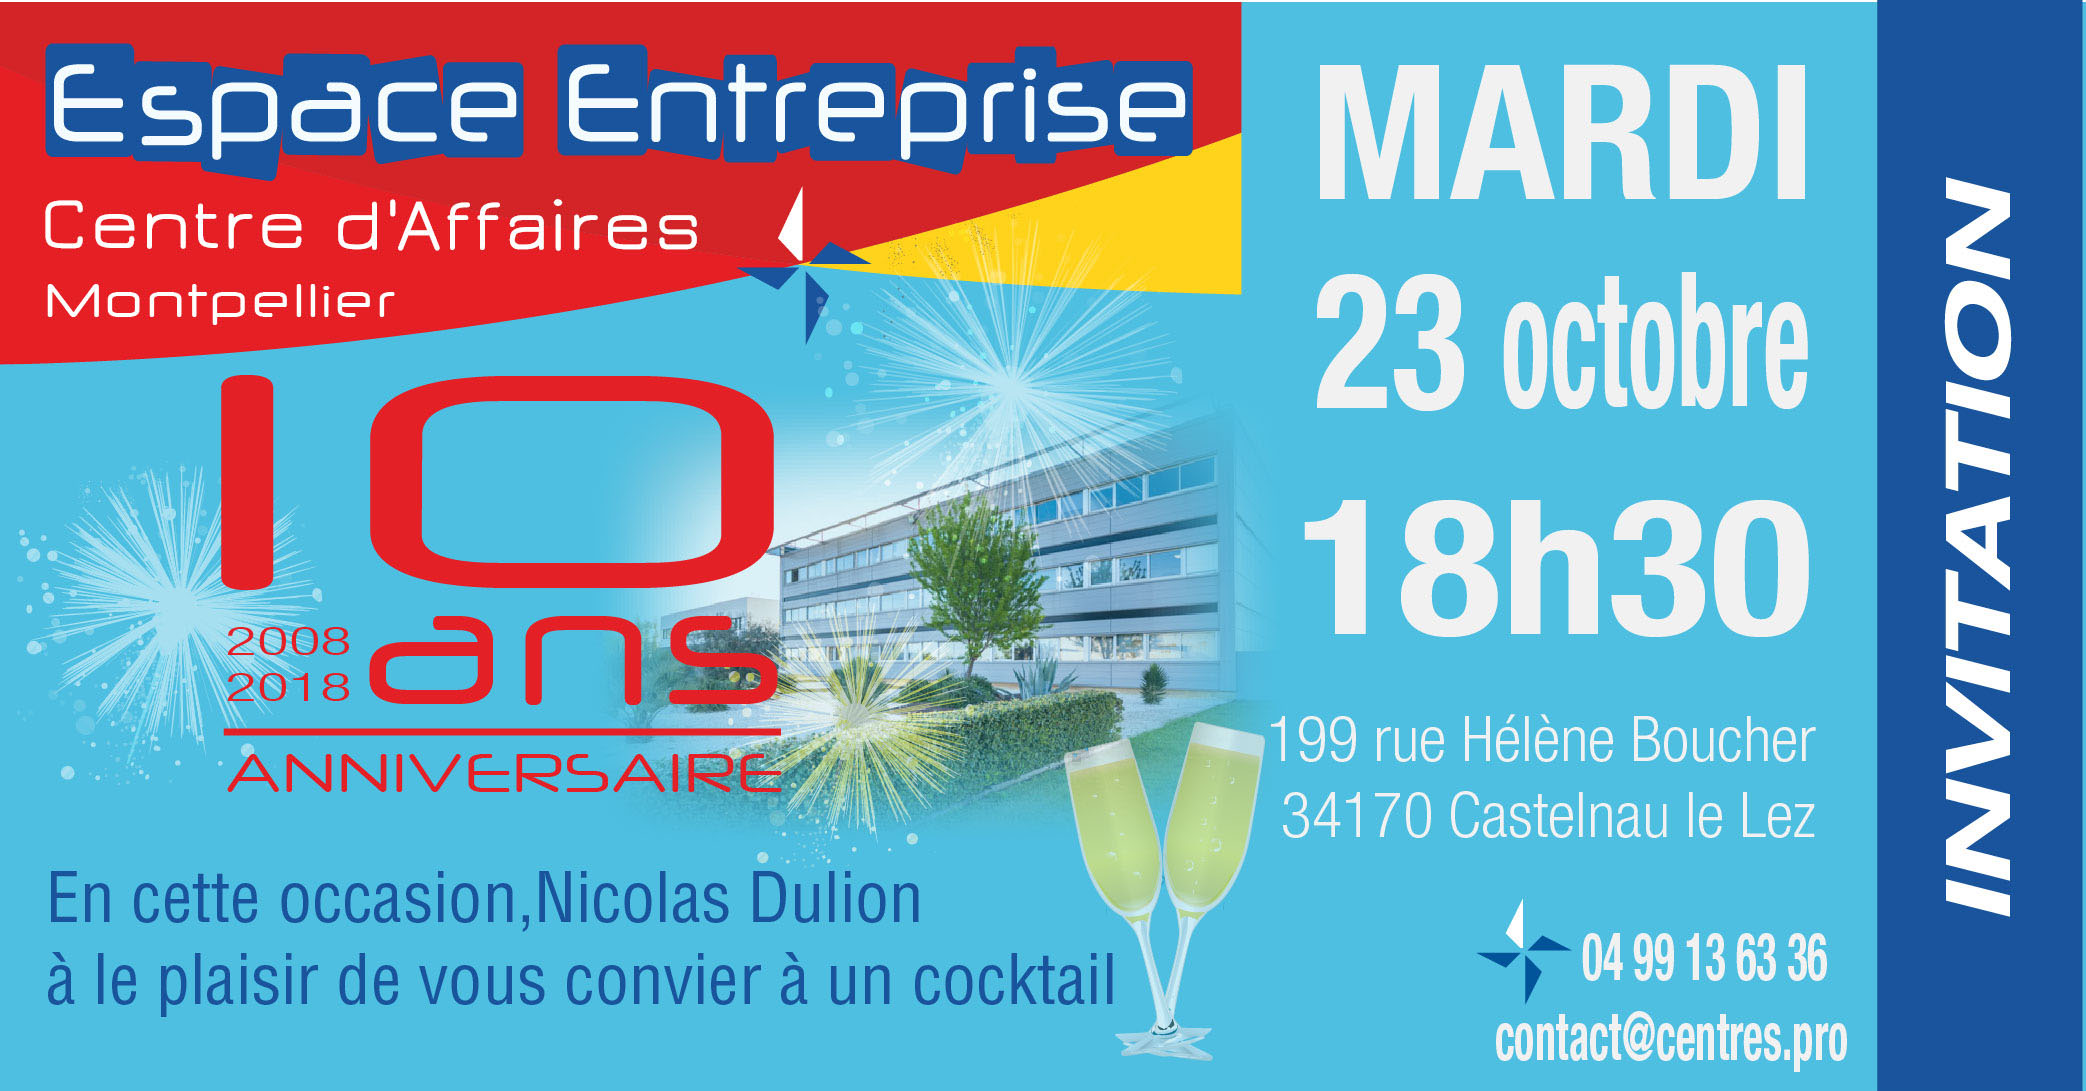 10 ans Espace Entreprise